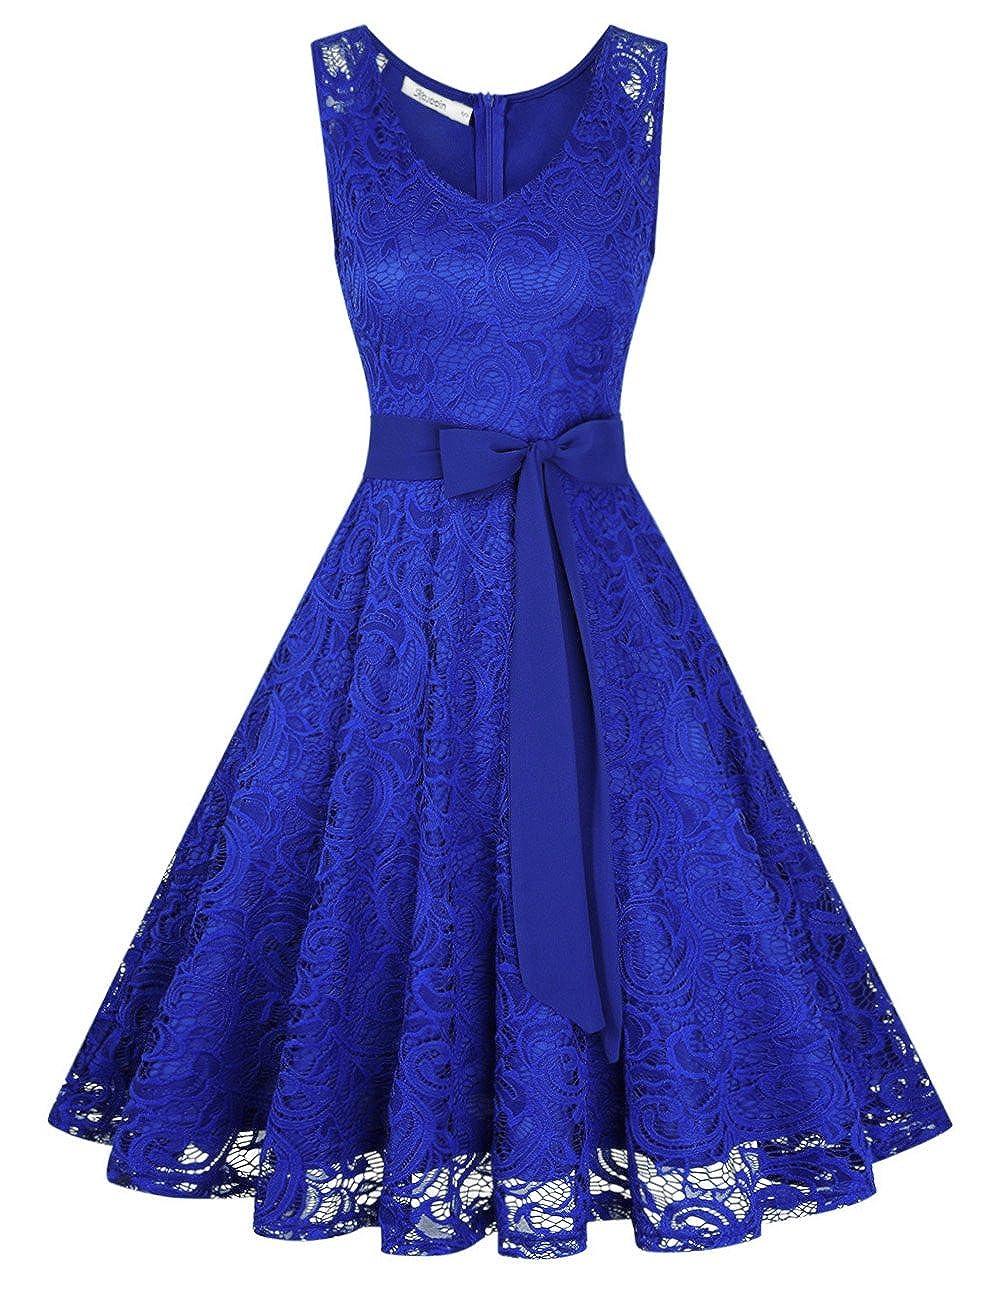 TALLA M. KOJOOIN Vestidos de Fiesta Mujer Vestido Encaje de Cóctel Vestido a Rodilla Vestidos Dama de Honor Azul2